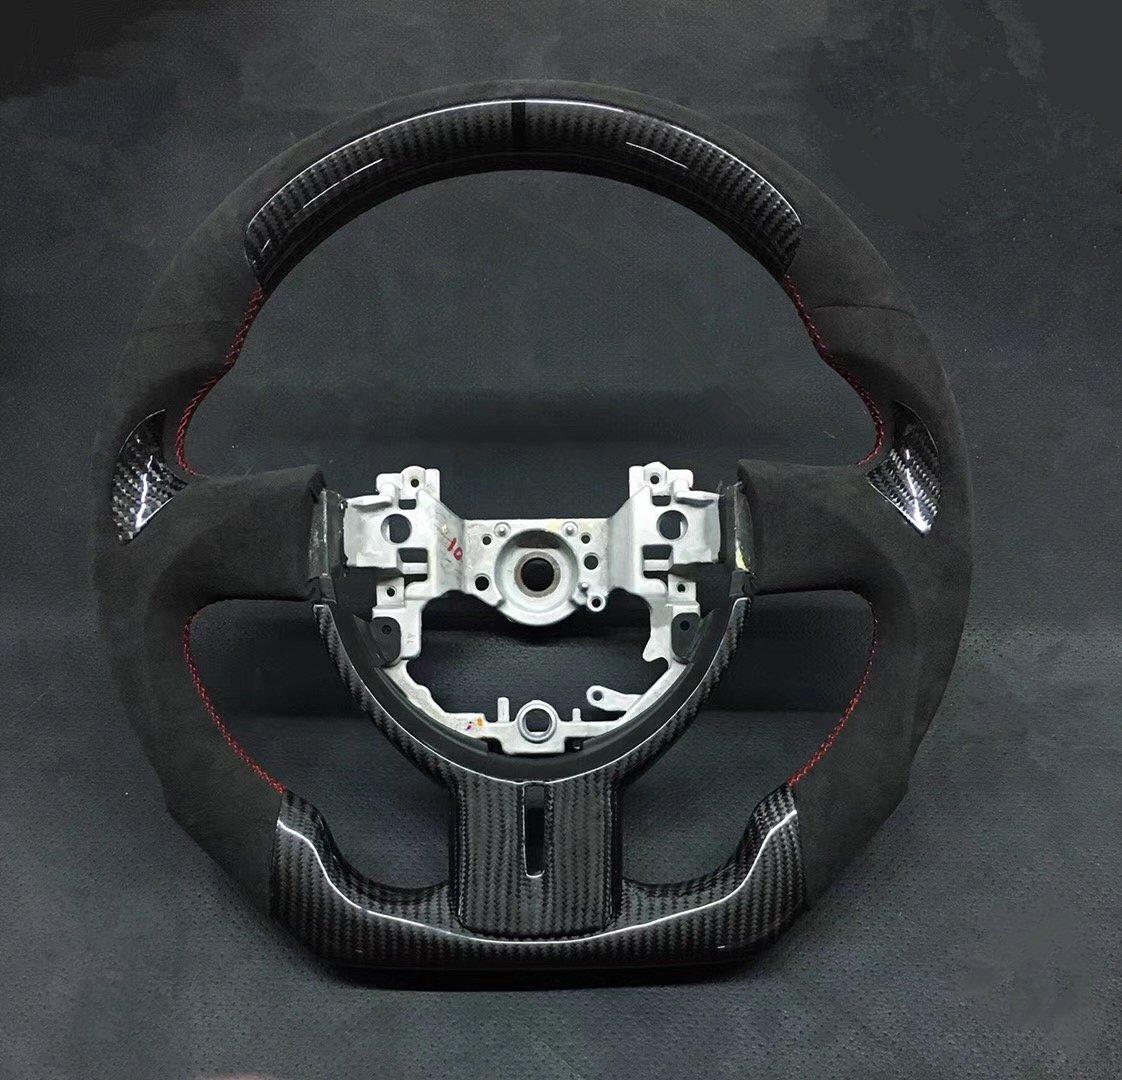 トヨタ 86 ZN6 / スバル BRZ ZC6 カーボン&スエード ステアリングハンドル 純正加工 前期 即納品 最強カスタマイズ!!! B07CZXMWQW  - -